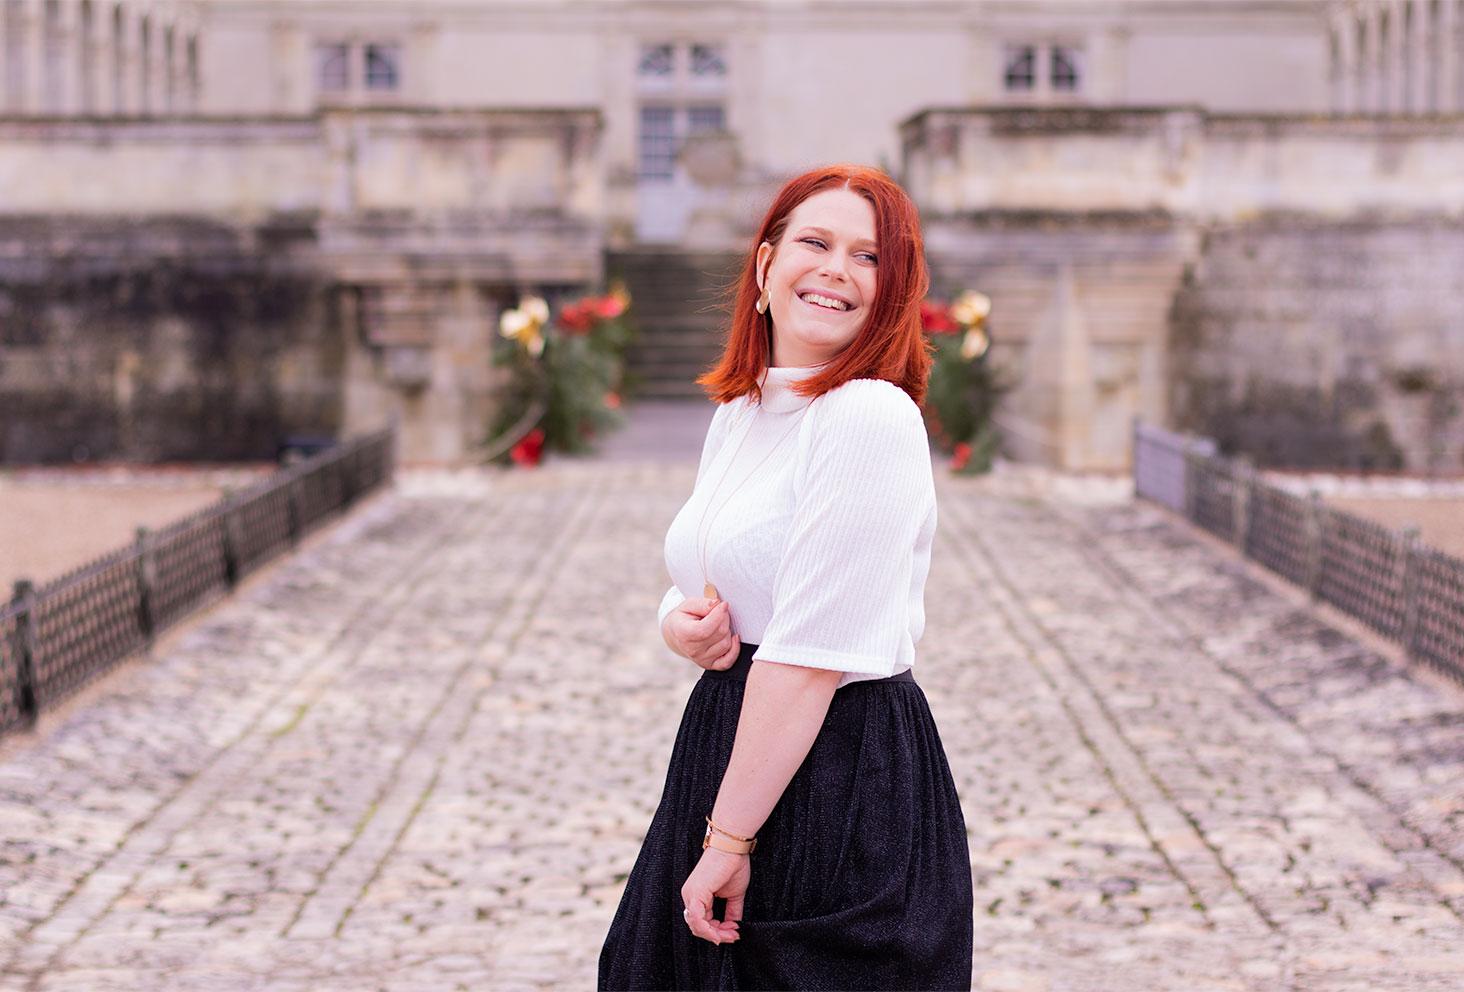 De profil dans la cour du château de Villandry, le sourire aux lèvres et la main tenant le côté de la jupe tutu noire, en col roulé blanc